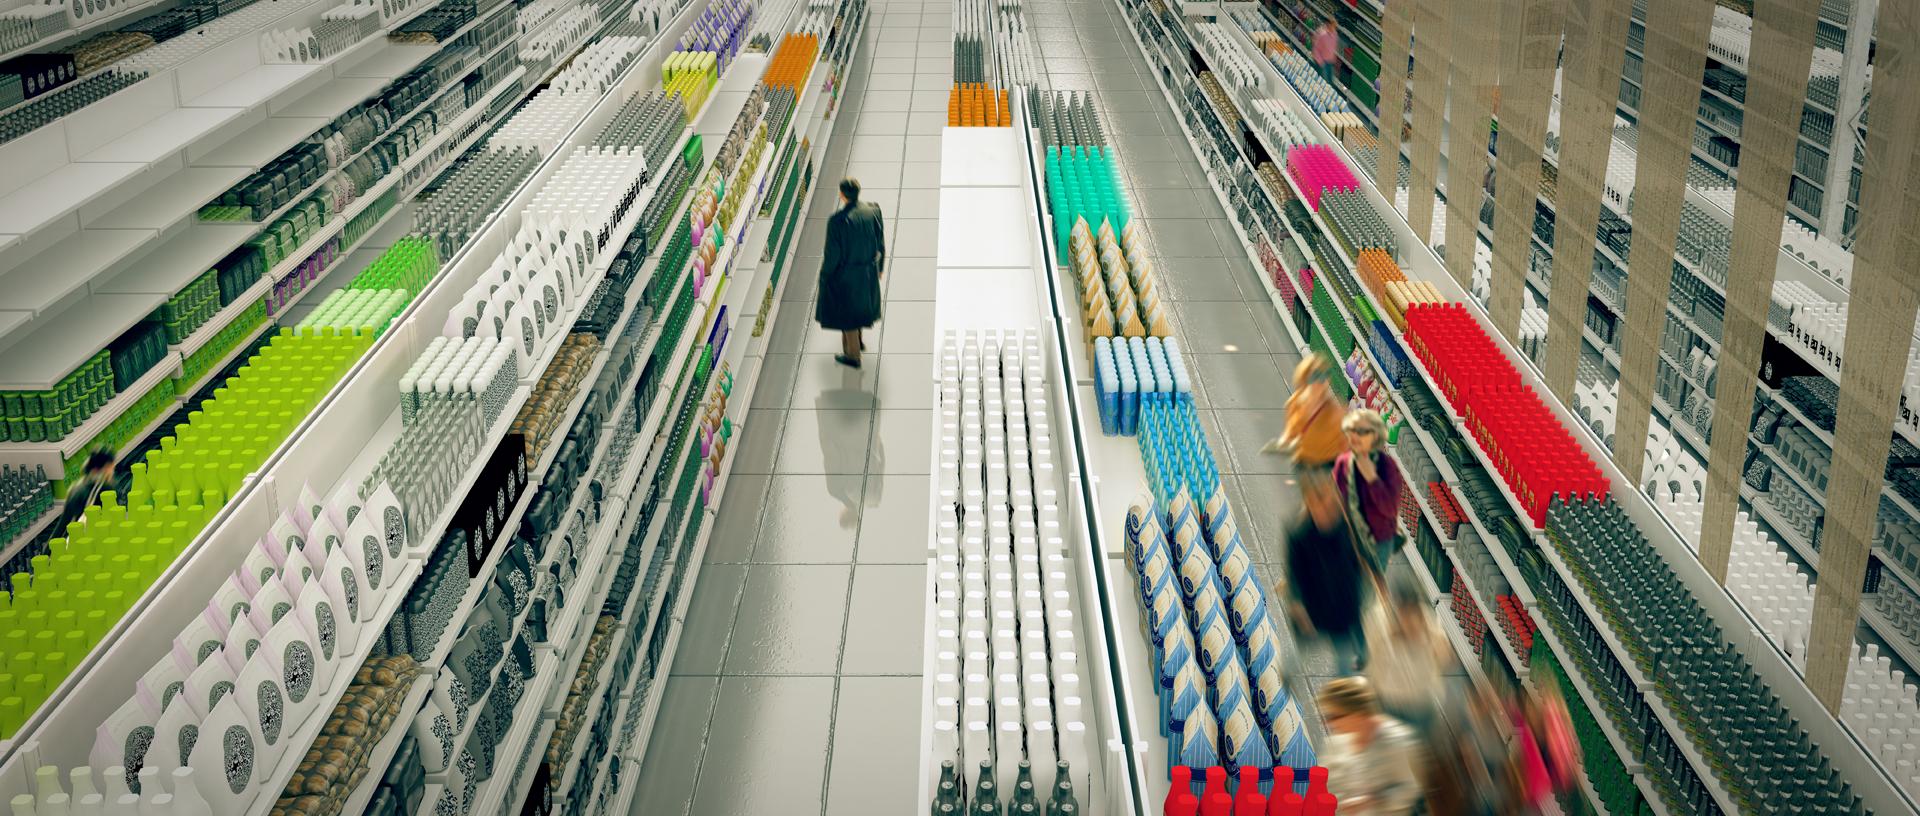 04_Supermarket 4